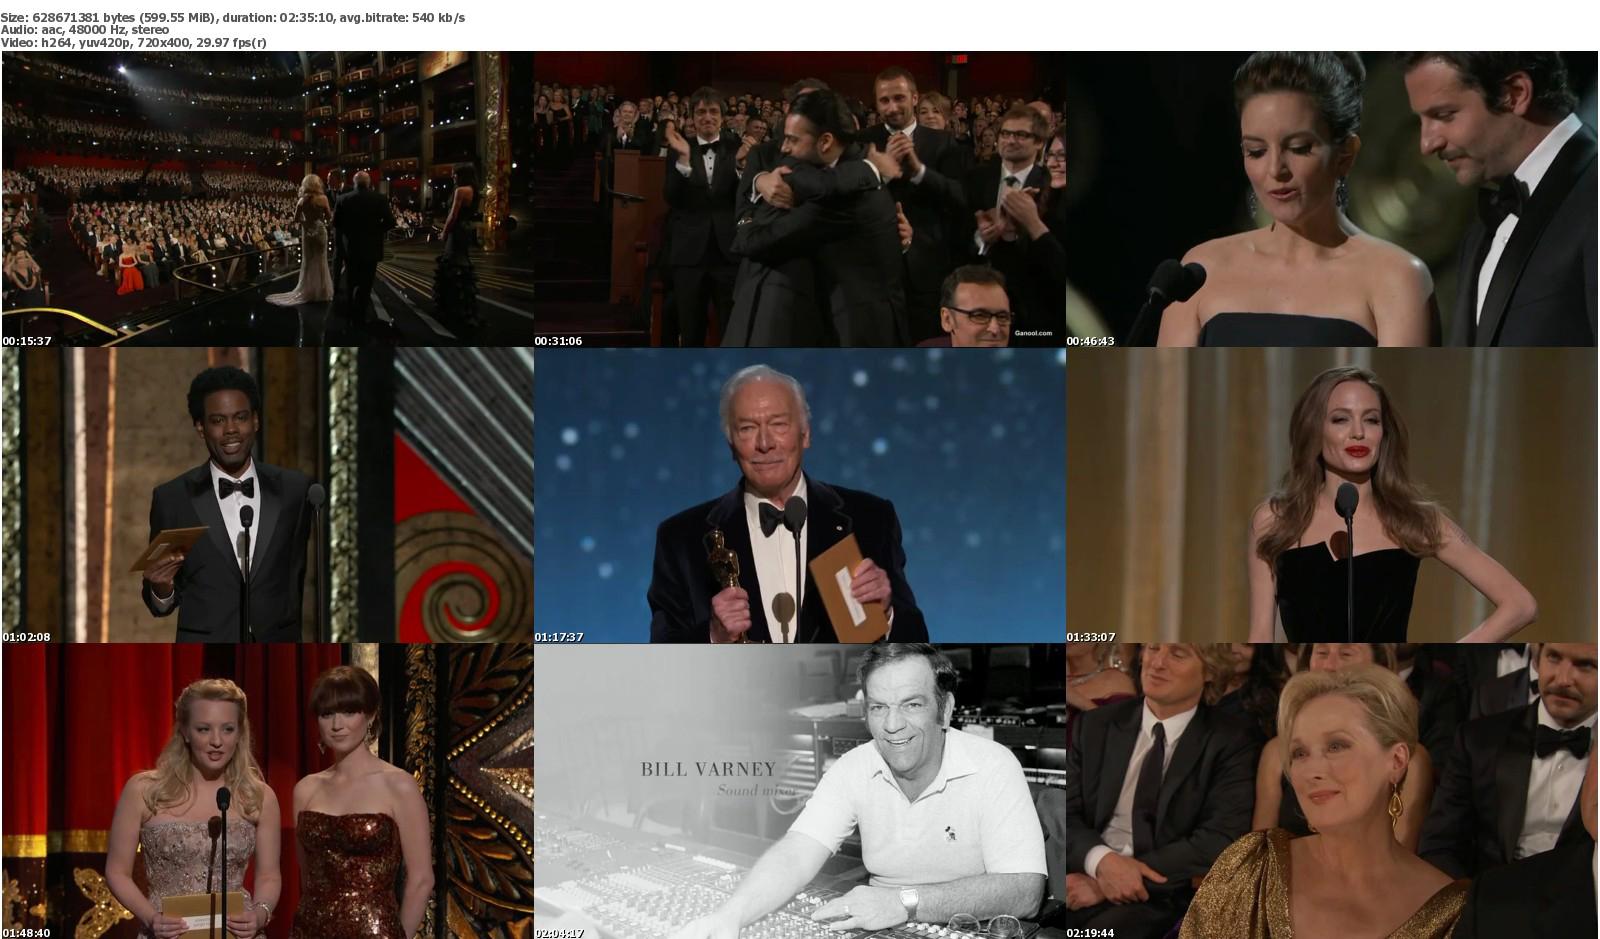 http://1.bp.blogspot.com/-mRNNNjk8oYg/T07EFrdkO-I/AAAAAAAACWg/GqVGlbKINUo/s1600/The.84th.Annual.Academy.Awards.2012.HDTV.480p.x264.FUNLOADZ.com_s.jpg